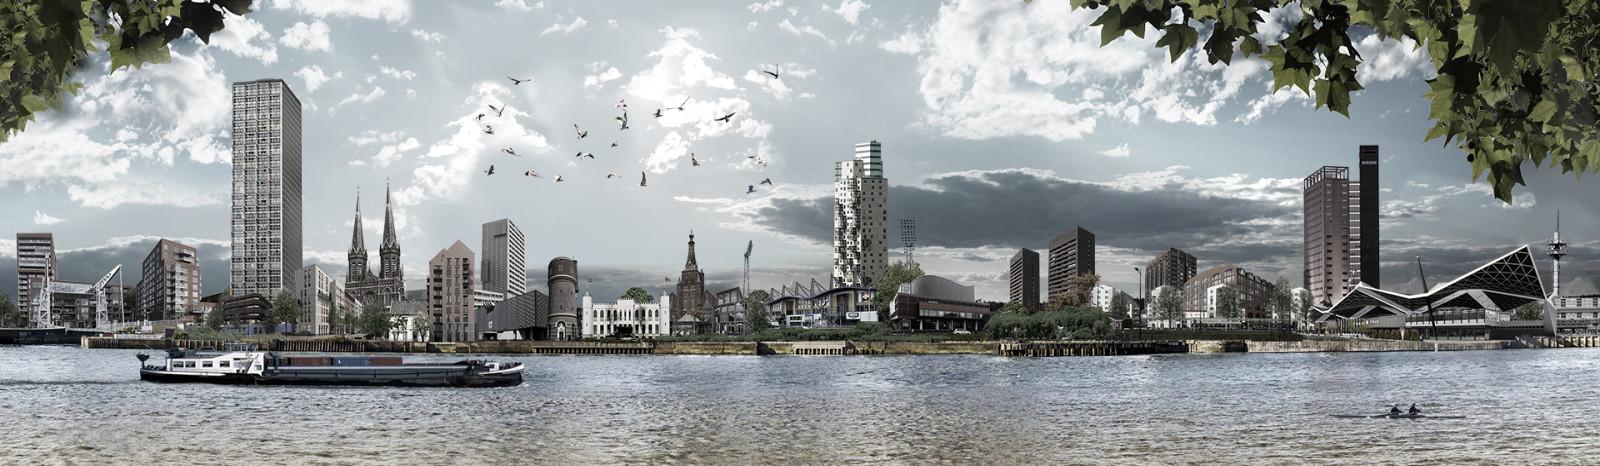 skyline Tilburg Spoorzone met boom